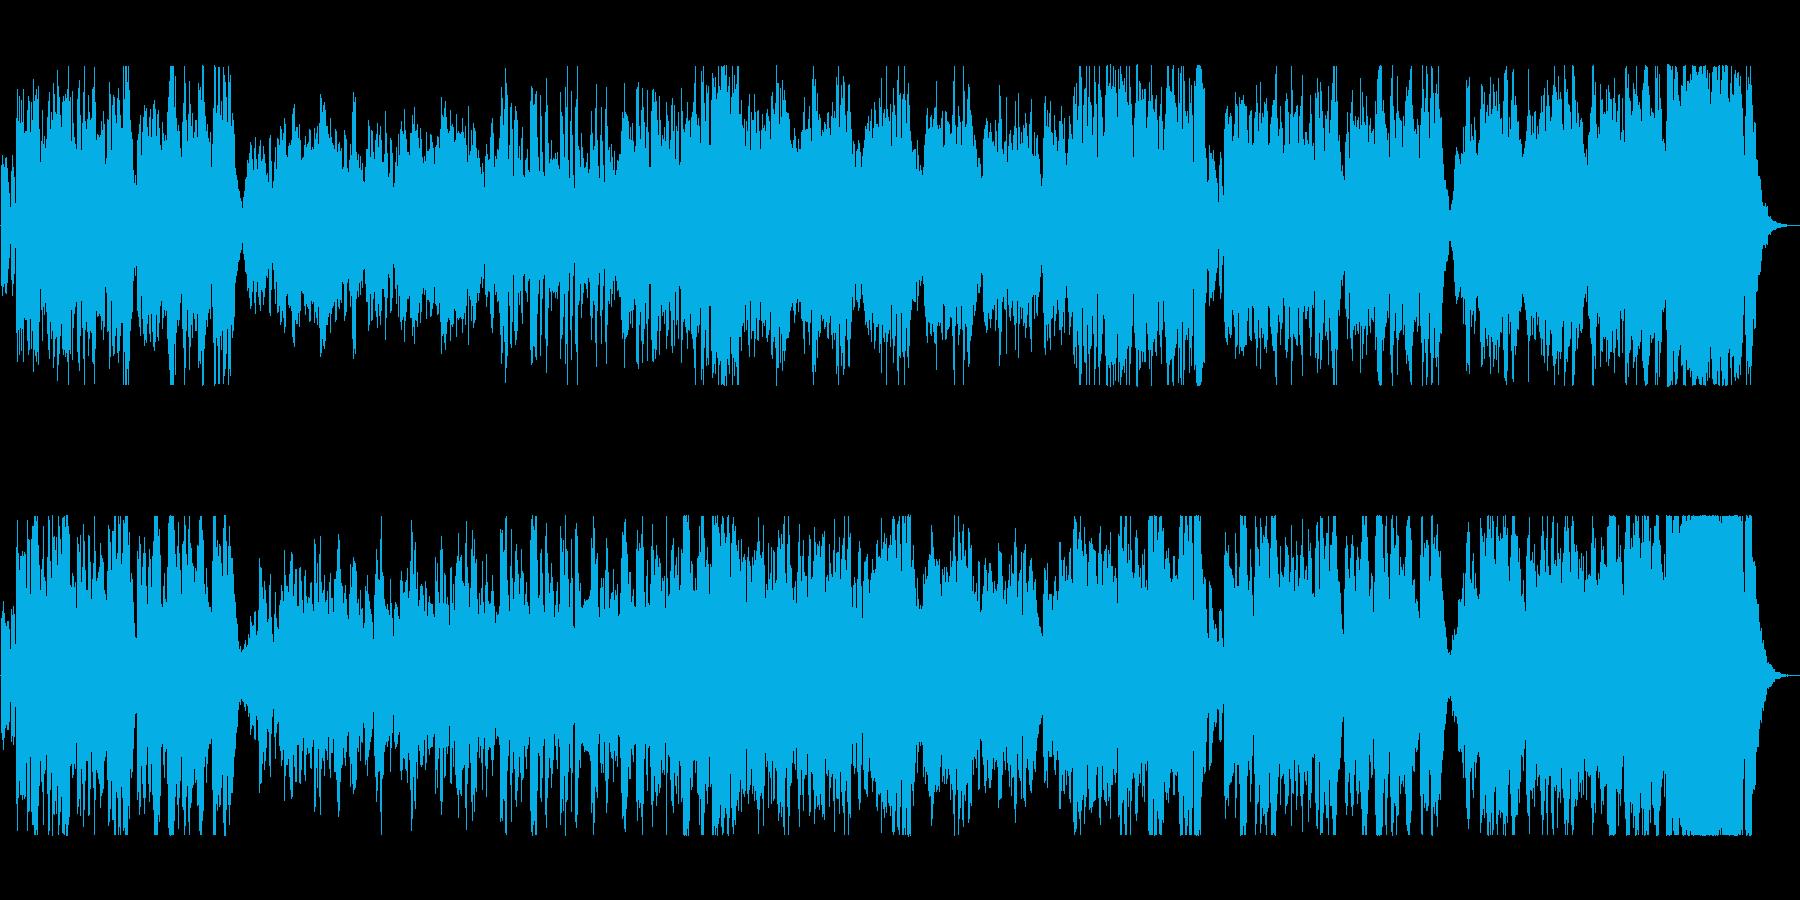 明るくワクワク感のシンセオルガンサウンドの再生済みの波形